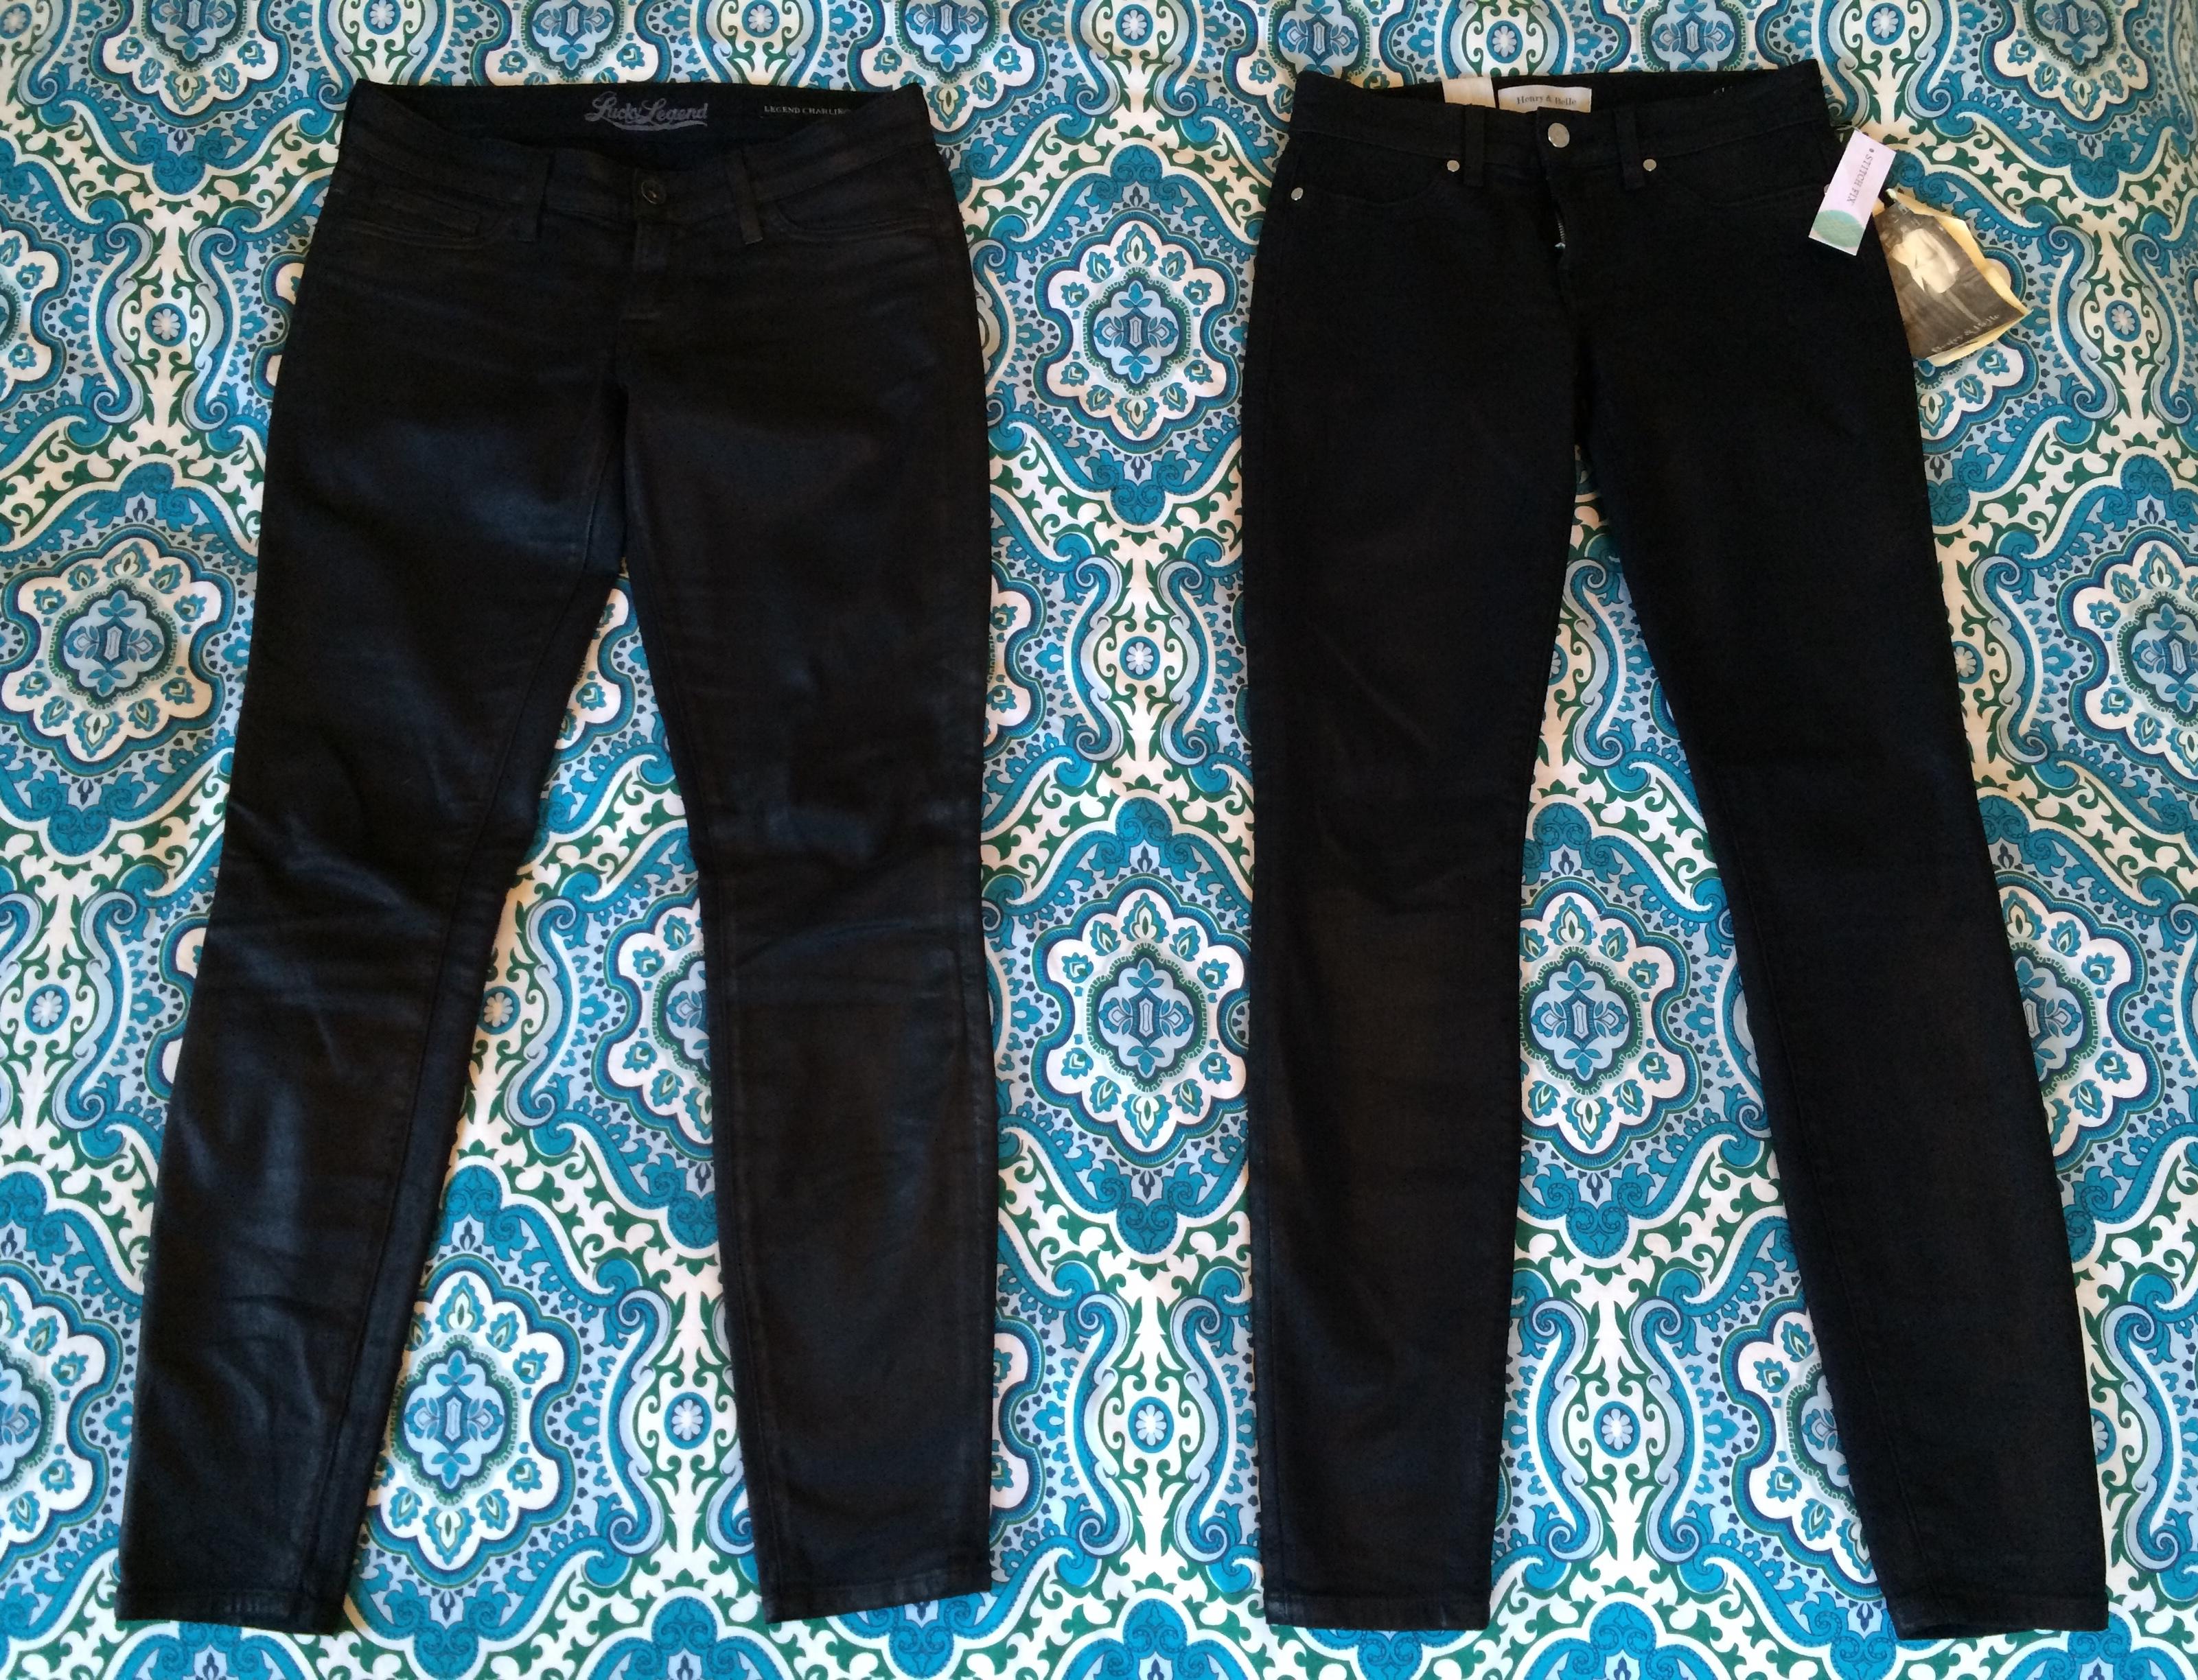 Lucky Jeans vs Henry & Belle Jeans